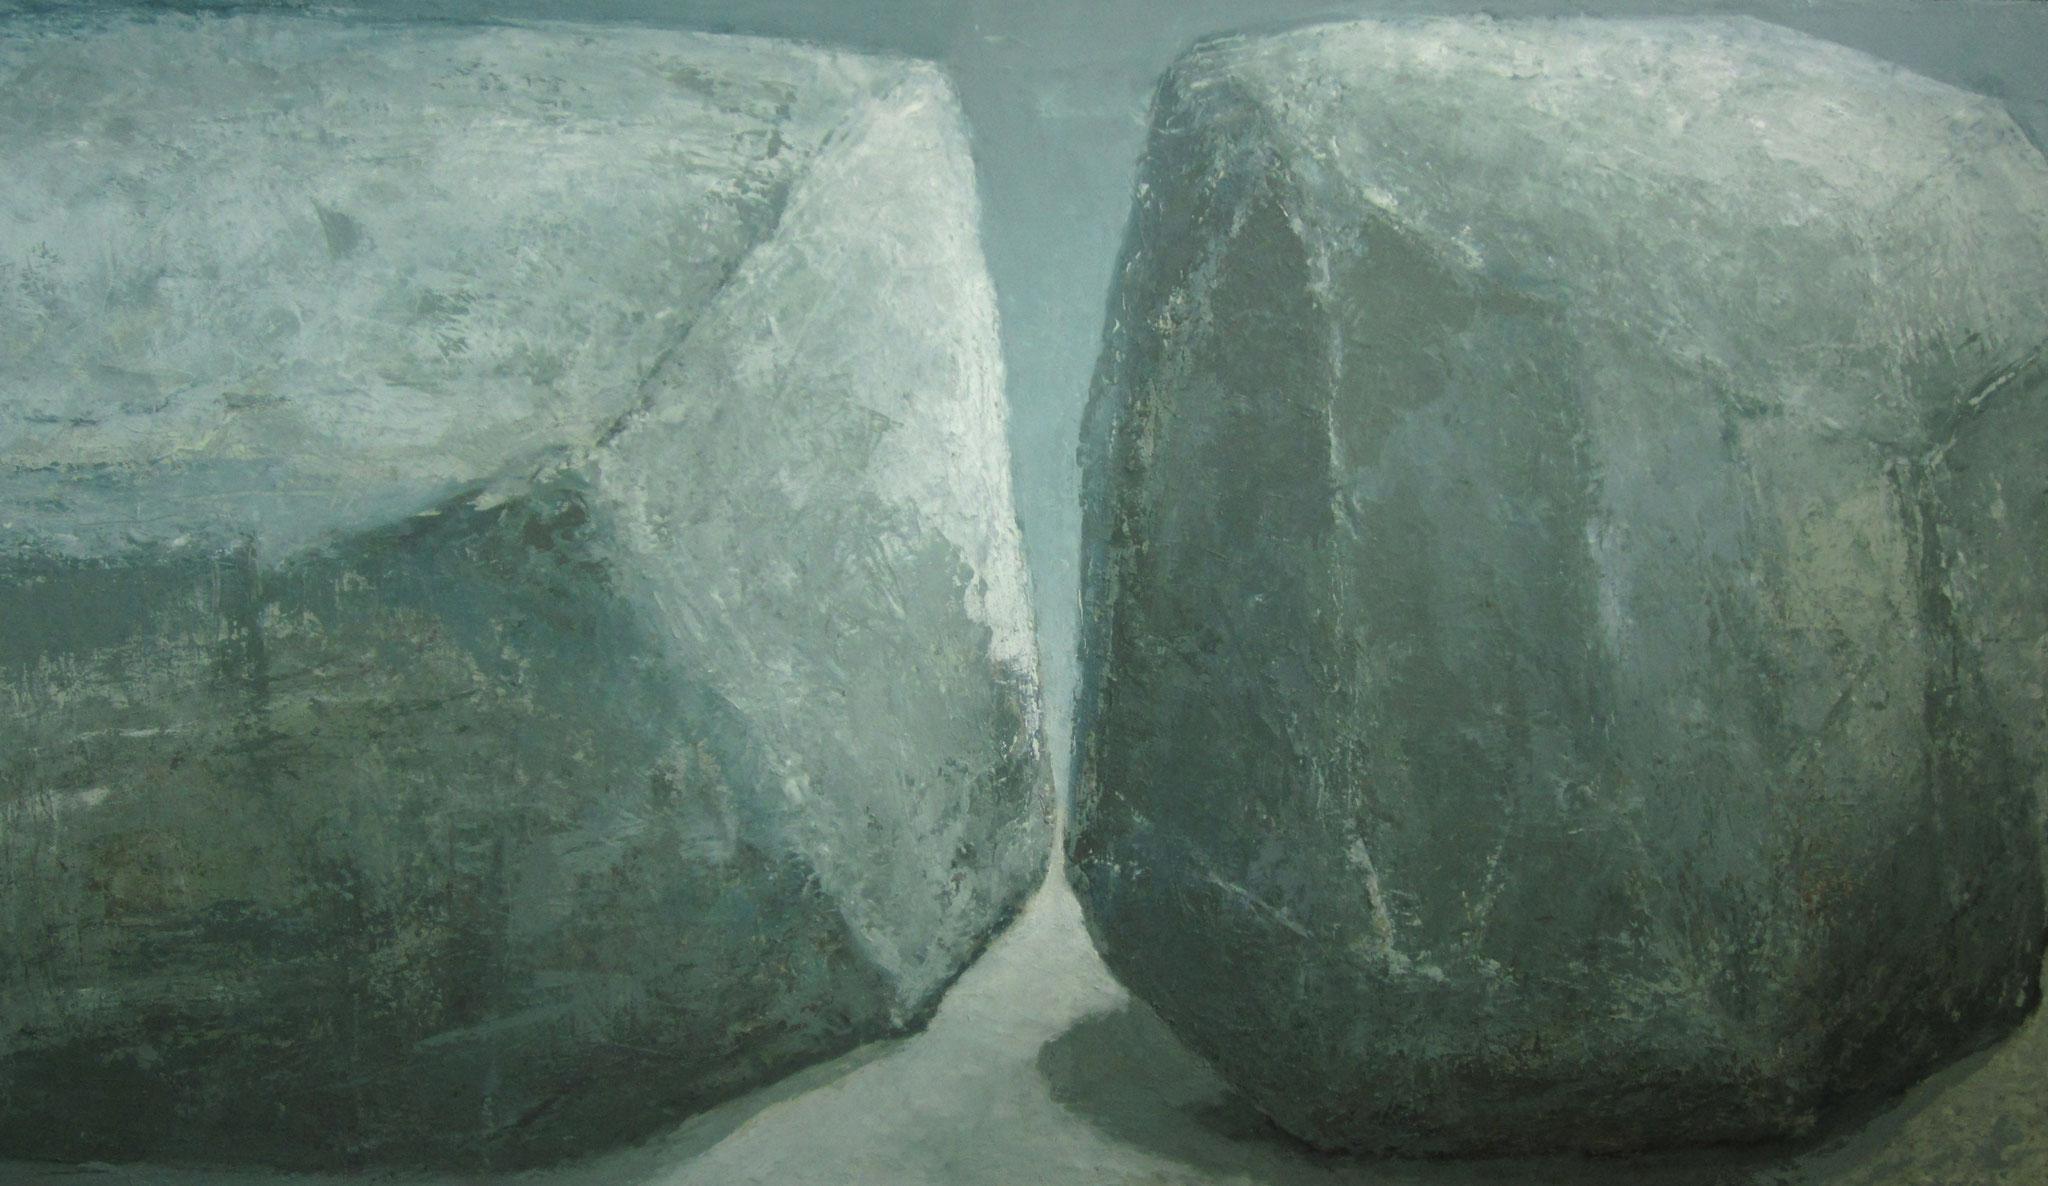 Twee stenen - 2019 - 90 x 160cm - oil on canvas